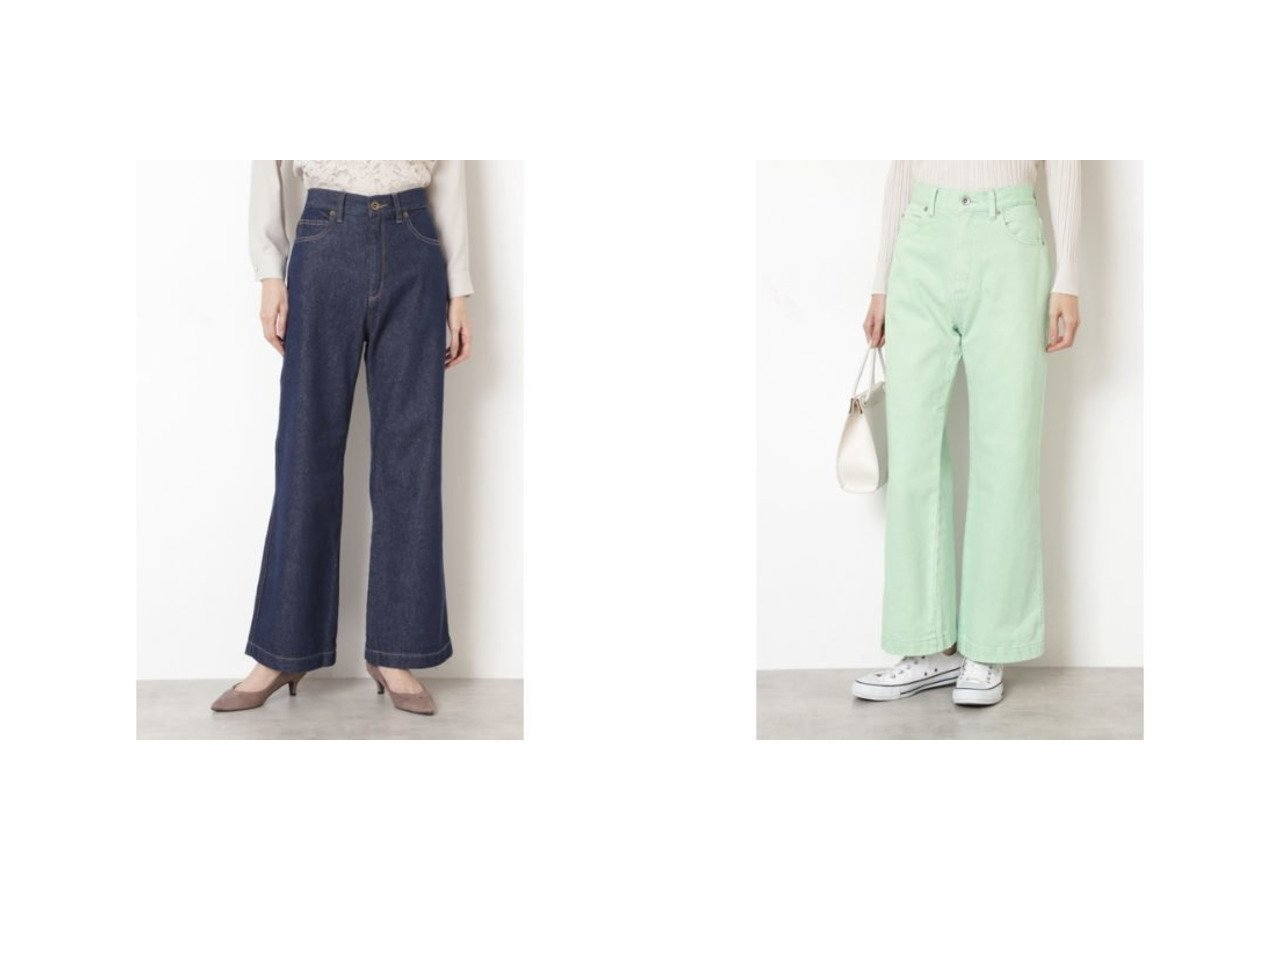 【NATURAL BEAUTY BASIC/ナチュラル ビューティー ベーシック】のデニムパンツ(インディゴ)&デニムパンツ パンツのおすすめ!人気、トレンド・レディースファッションの通販 おすすめで人気の流行・トレンド、ファッションの通販商品 メンズファッション・キッズファッション・インテリア・家具・レディースファッション・服の通販 founy(ファニー) https://founy.com/ ファッション Fashion レディースファッション WOMEN パンツ Pants デニムパンツ Denim Pants インディゴ カットソー チュニック デニム ワイド |ID:crp329100000015284